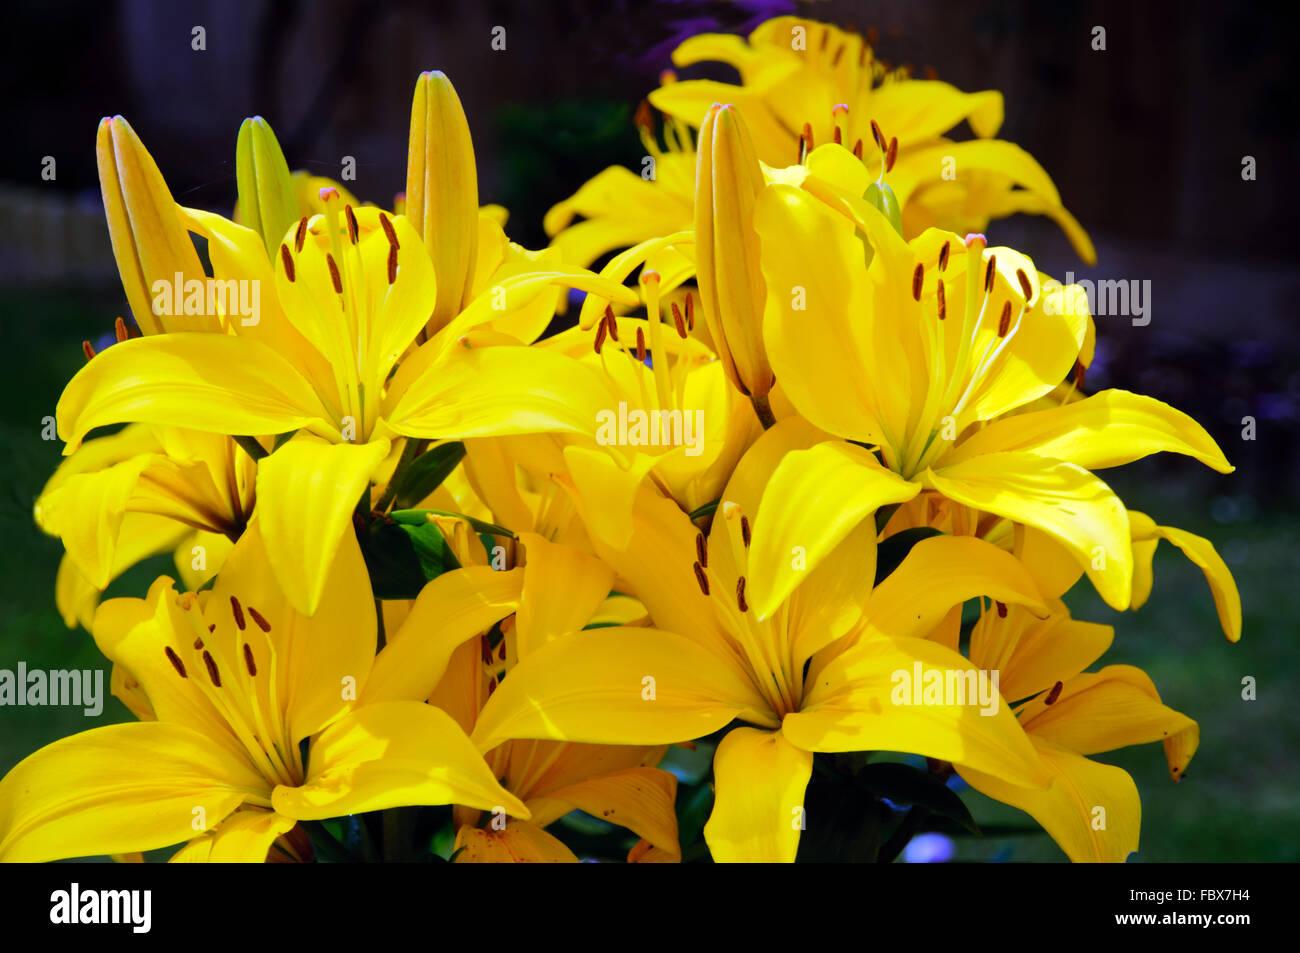 Gelbe Lilien in voller Blüte Stockbild